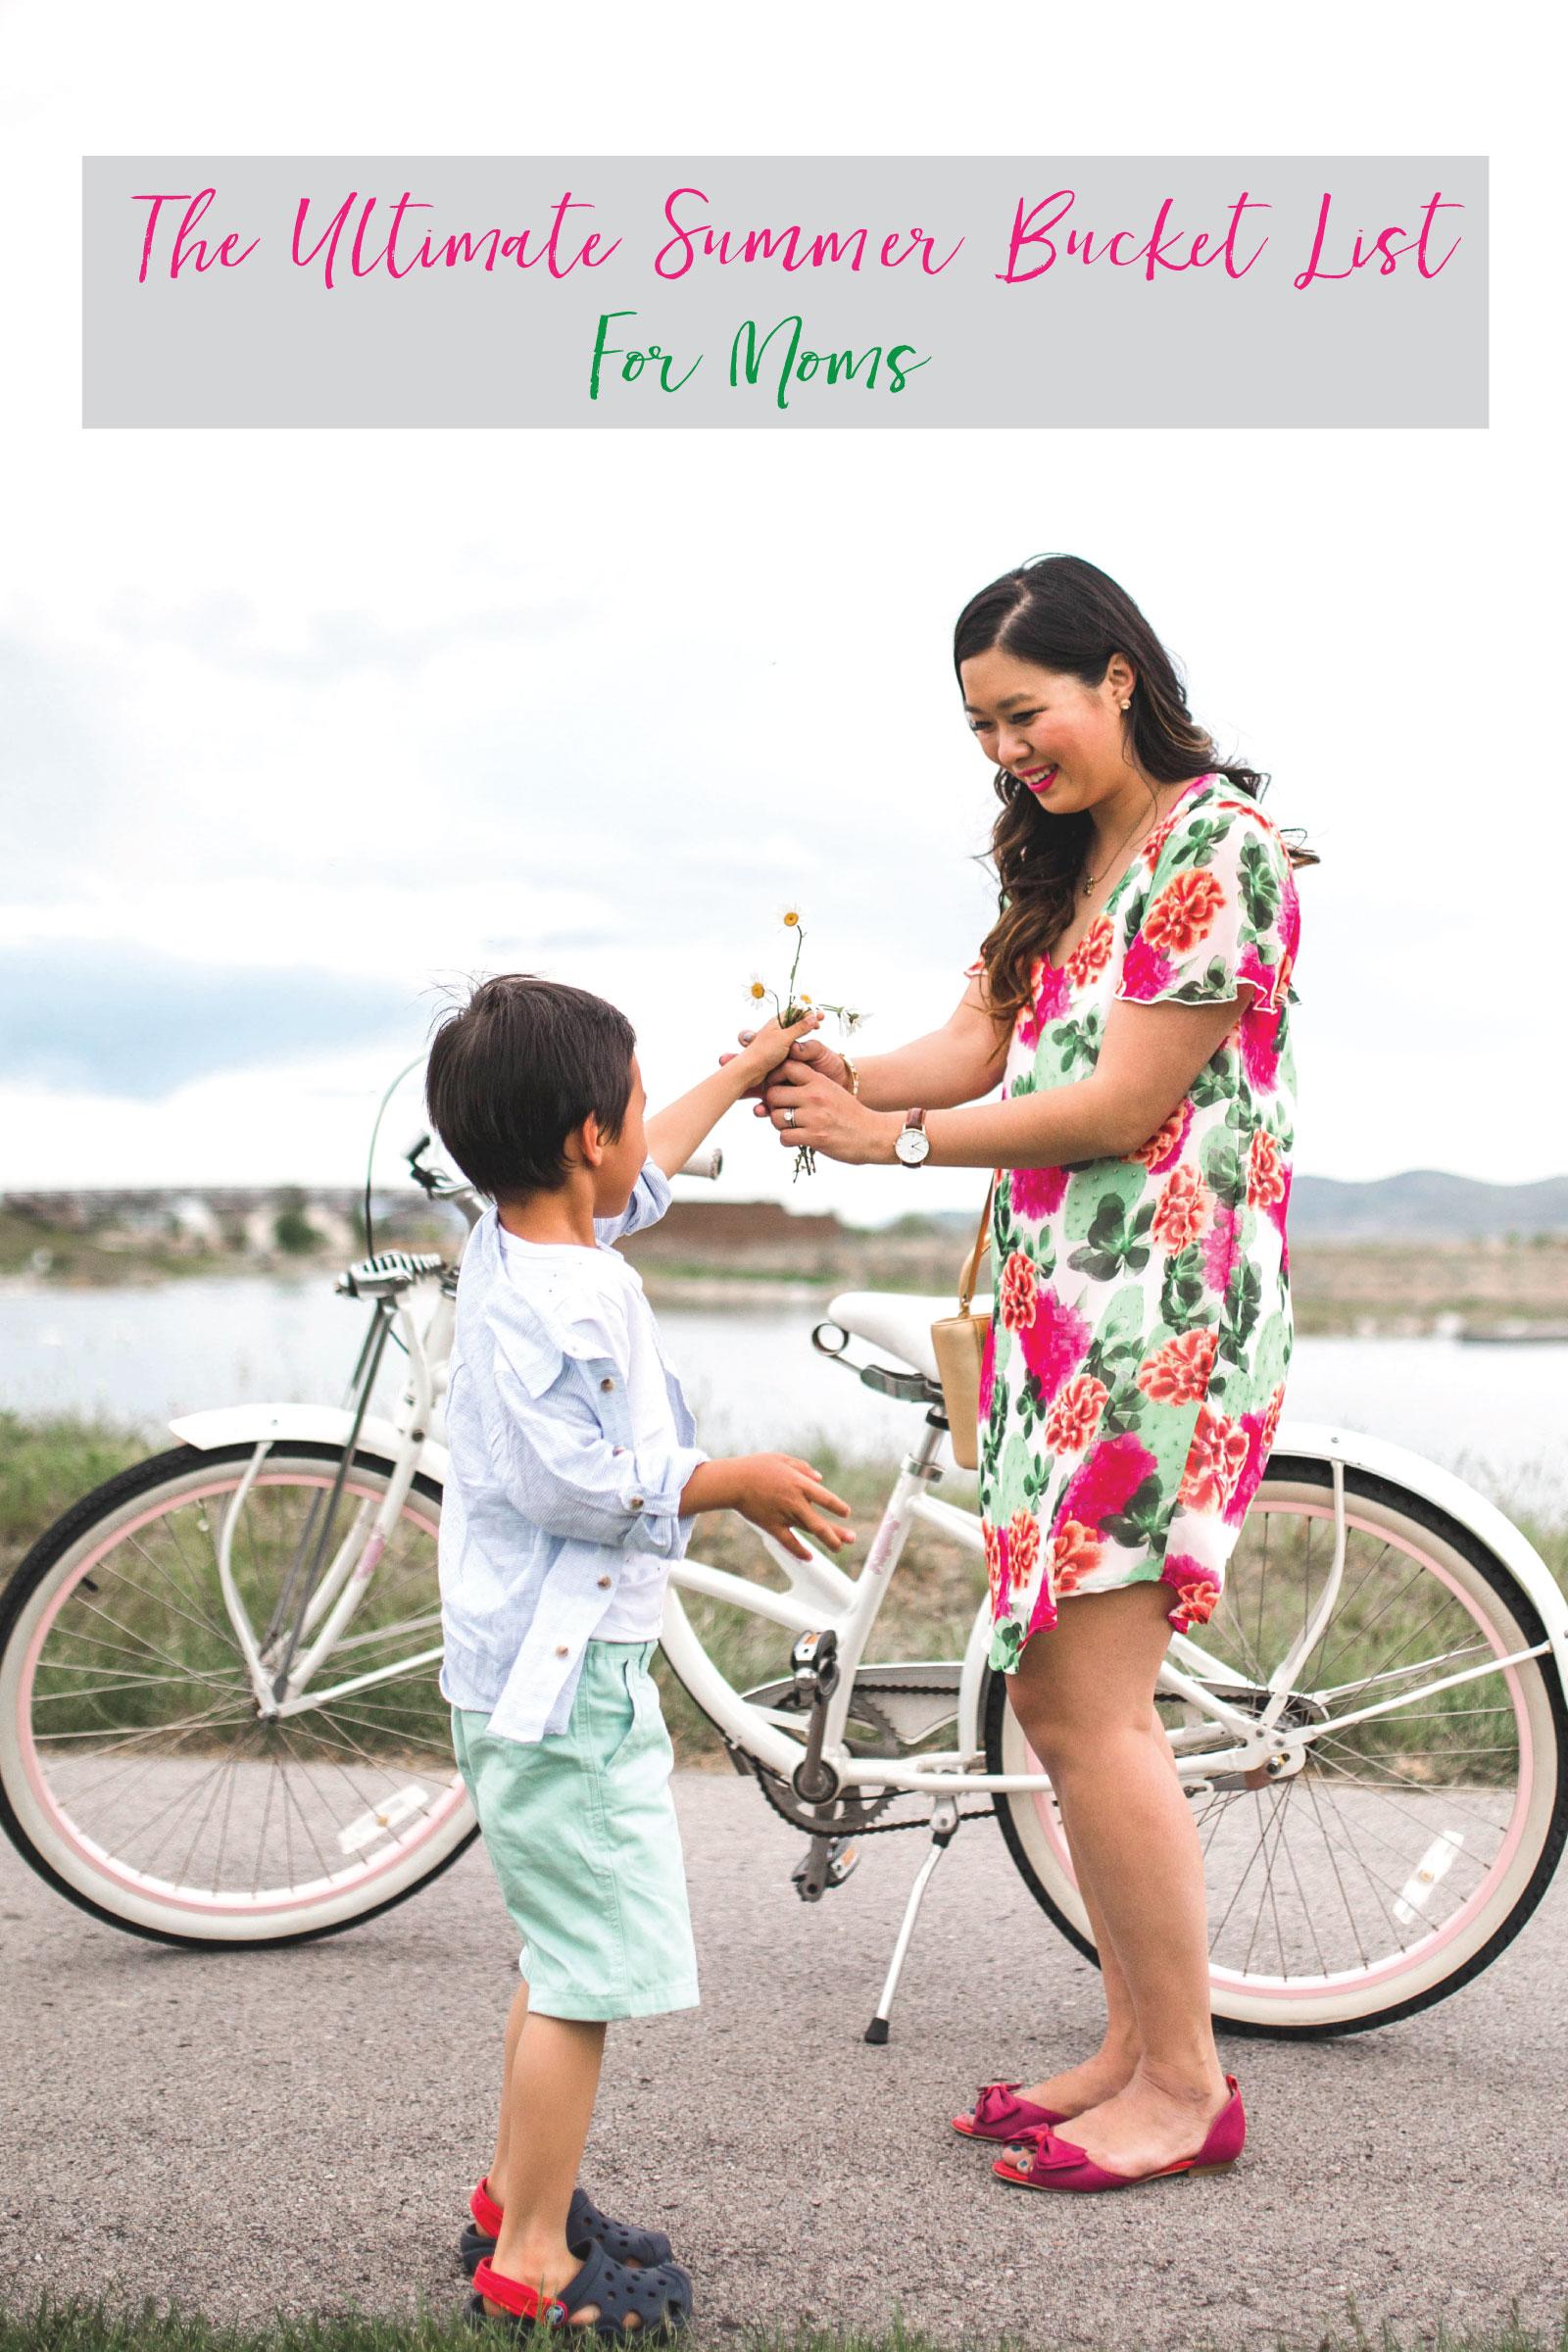 Summer Bucket List for Moms